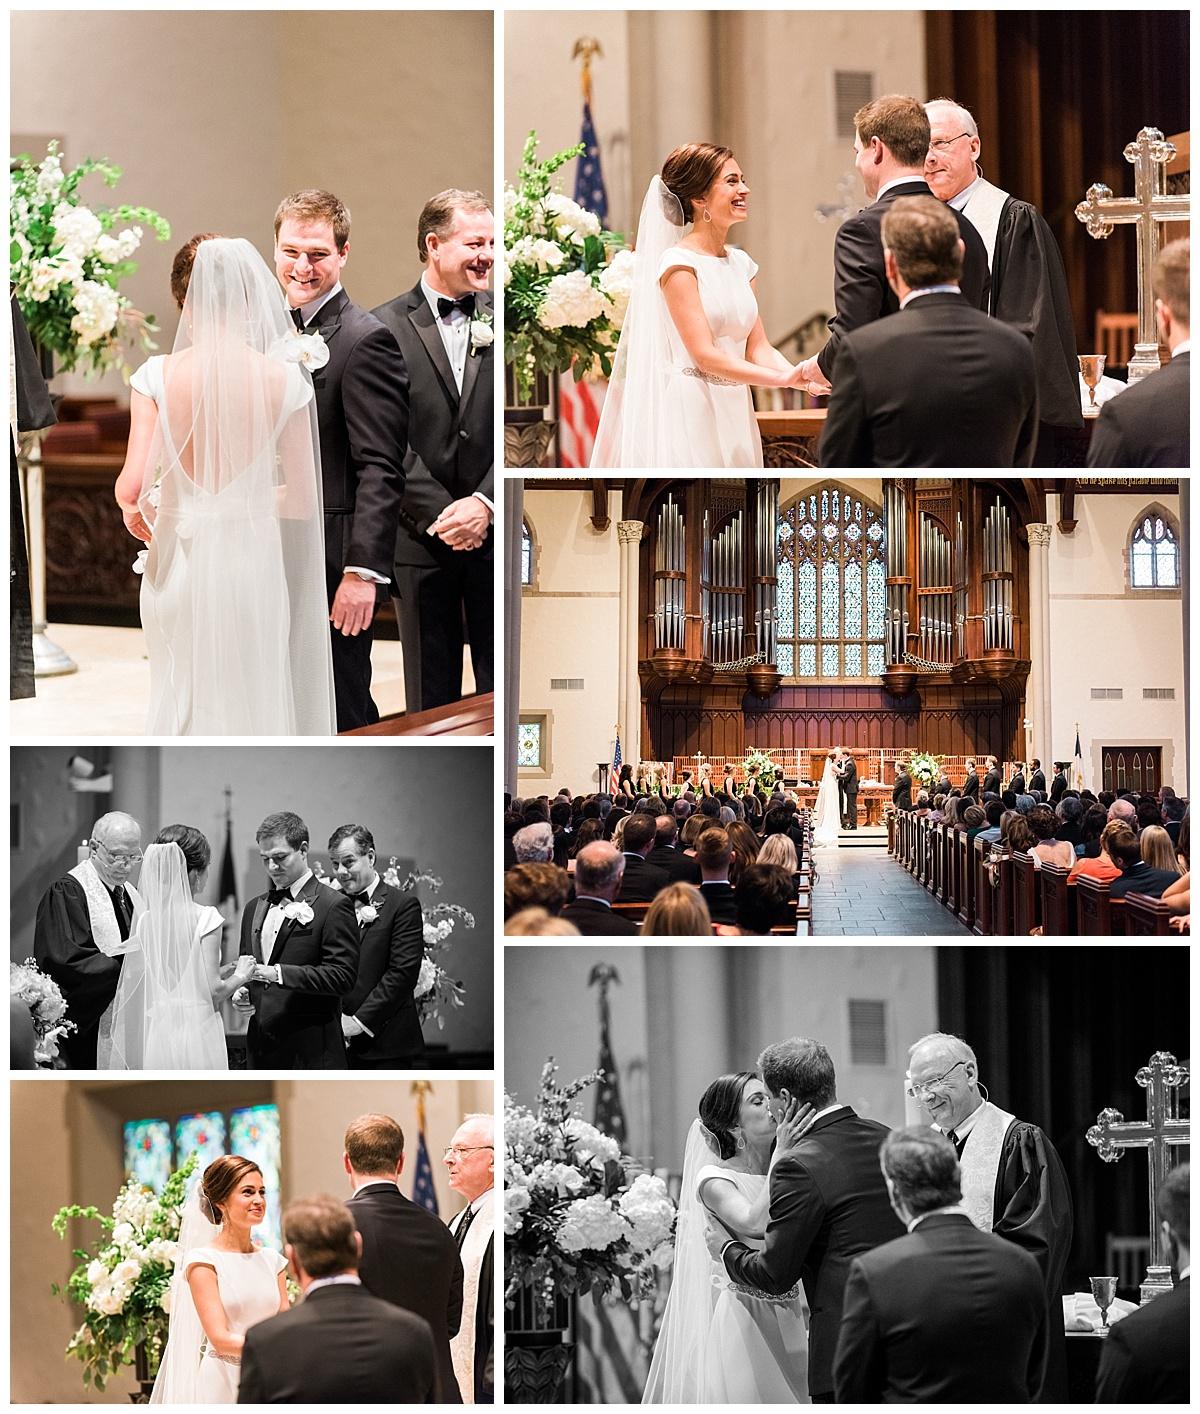 dallas-country-club-wedding-ar-photography-13.jpg